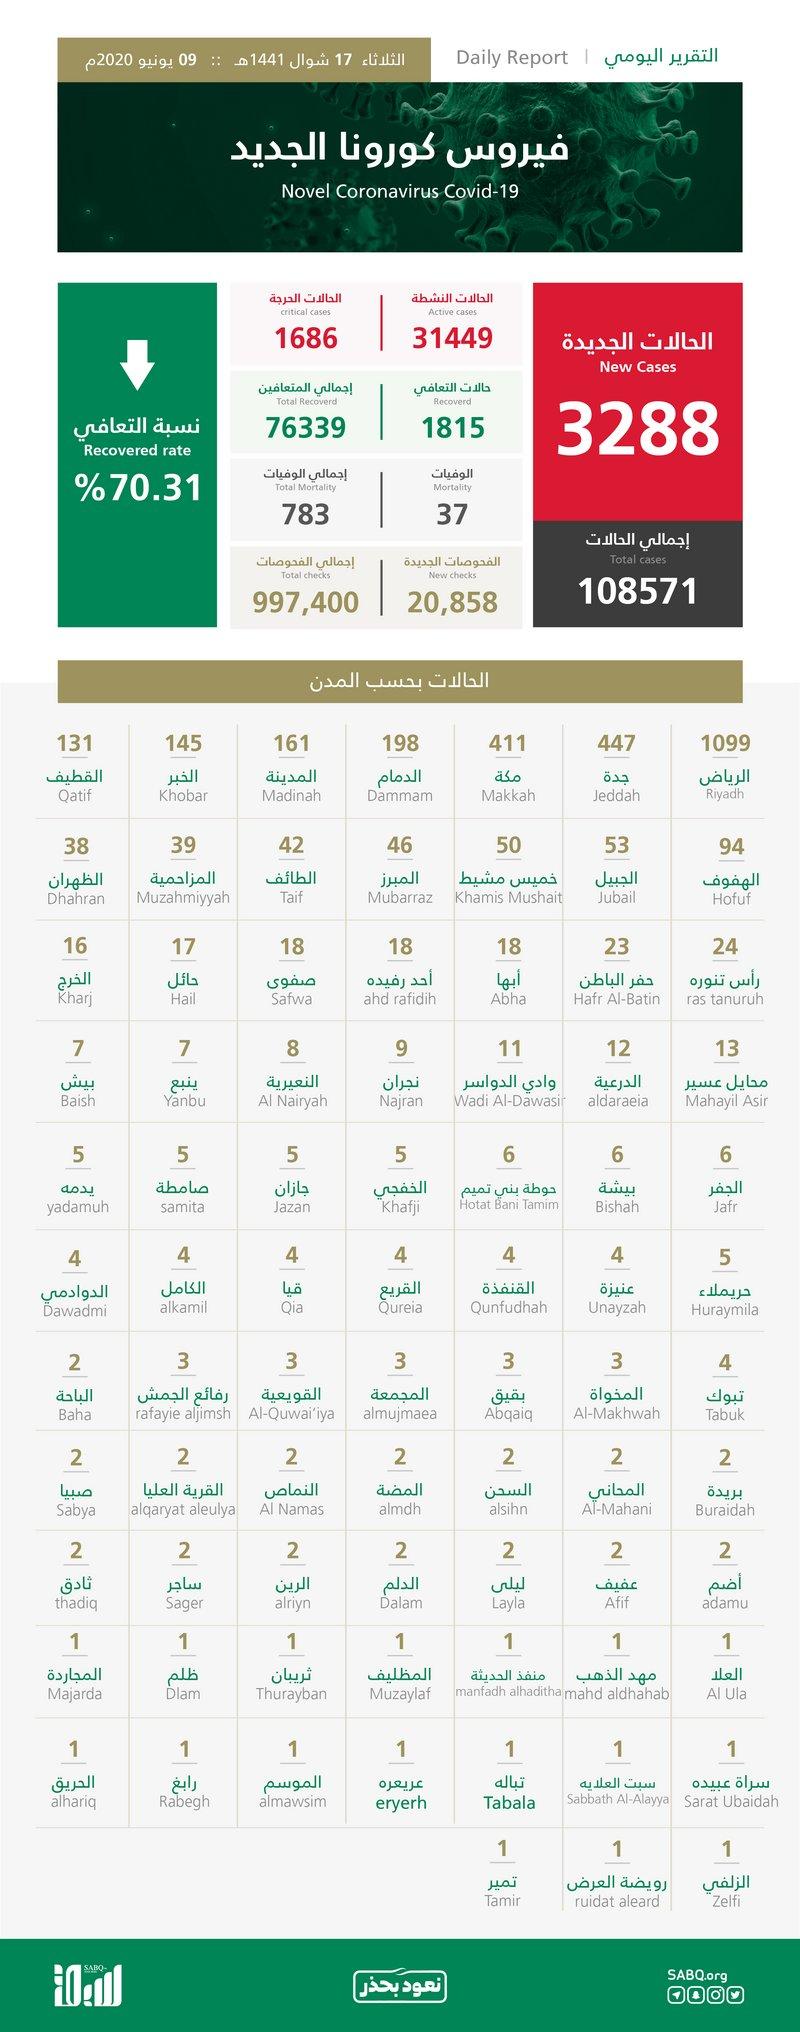 وزارة الصحة السعودية تعلن: تسجيل 3288 حالة جديدة بفيروس كورونا و37 حالة وفاة